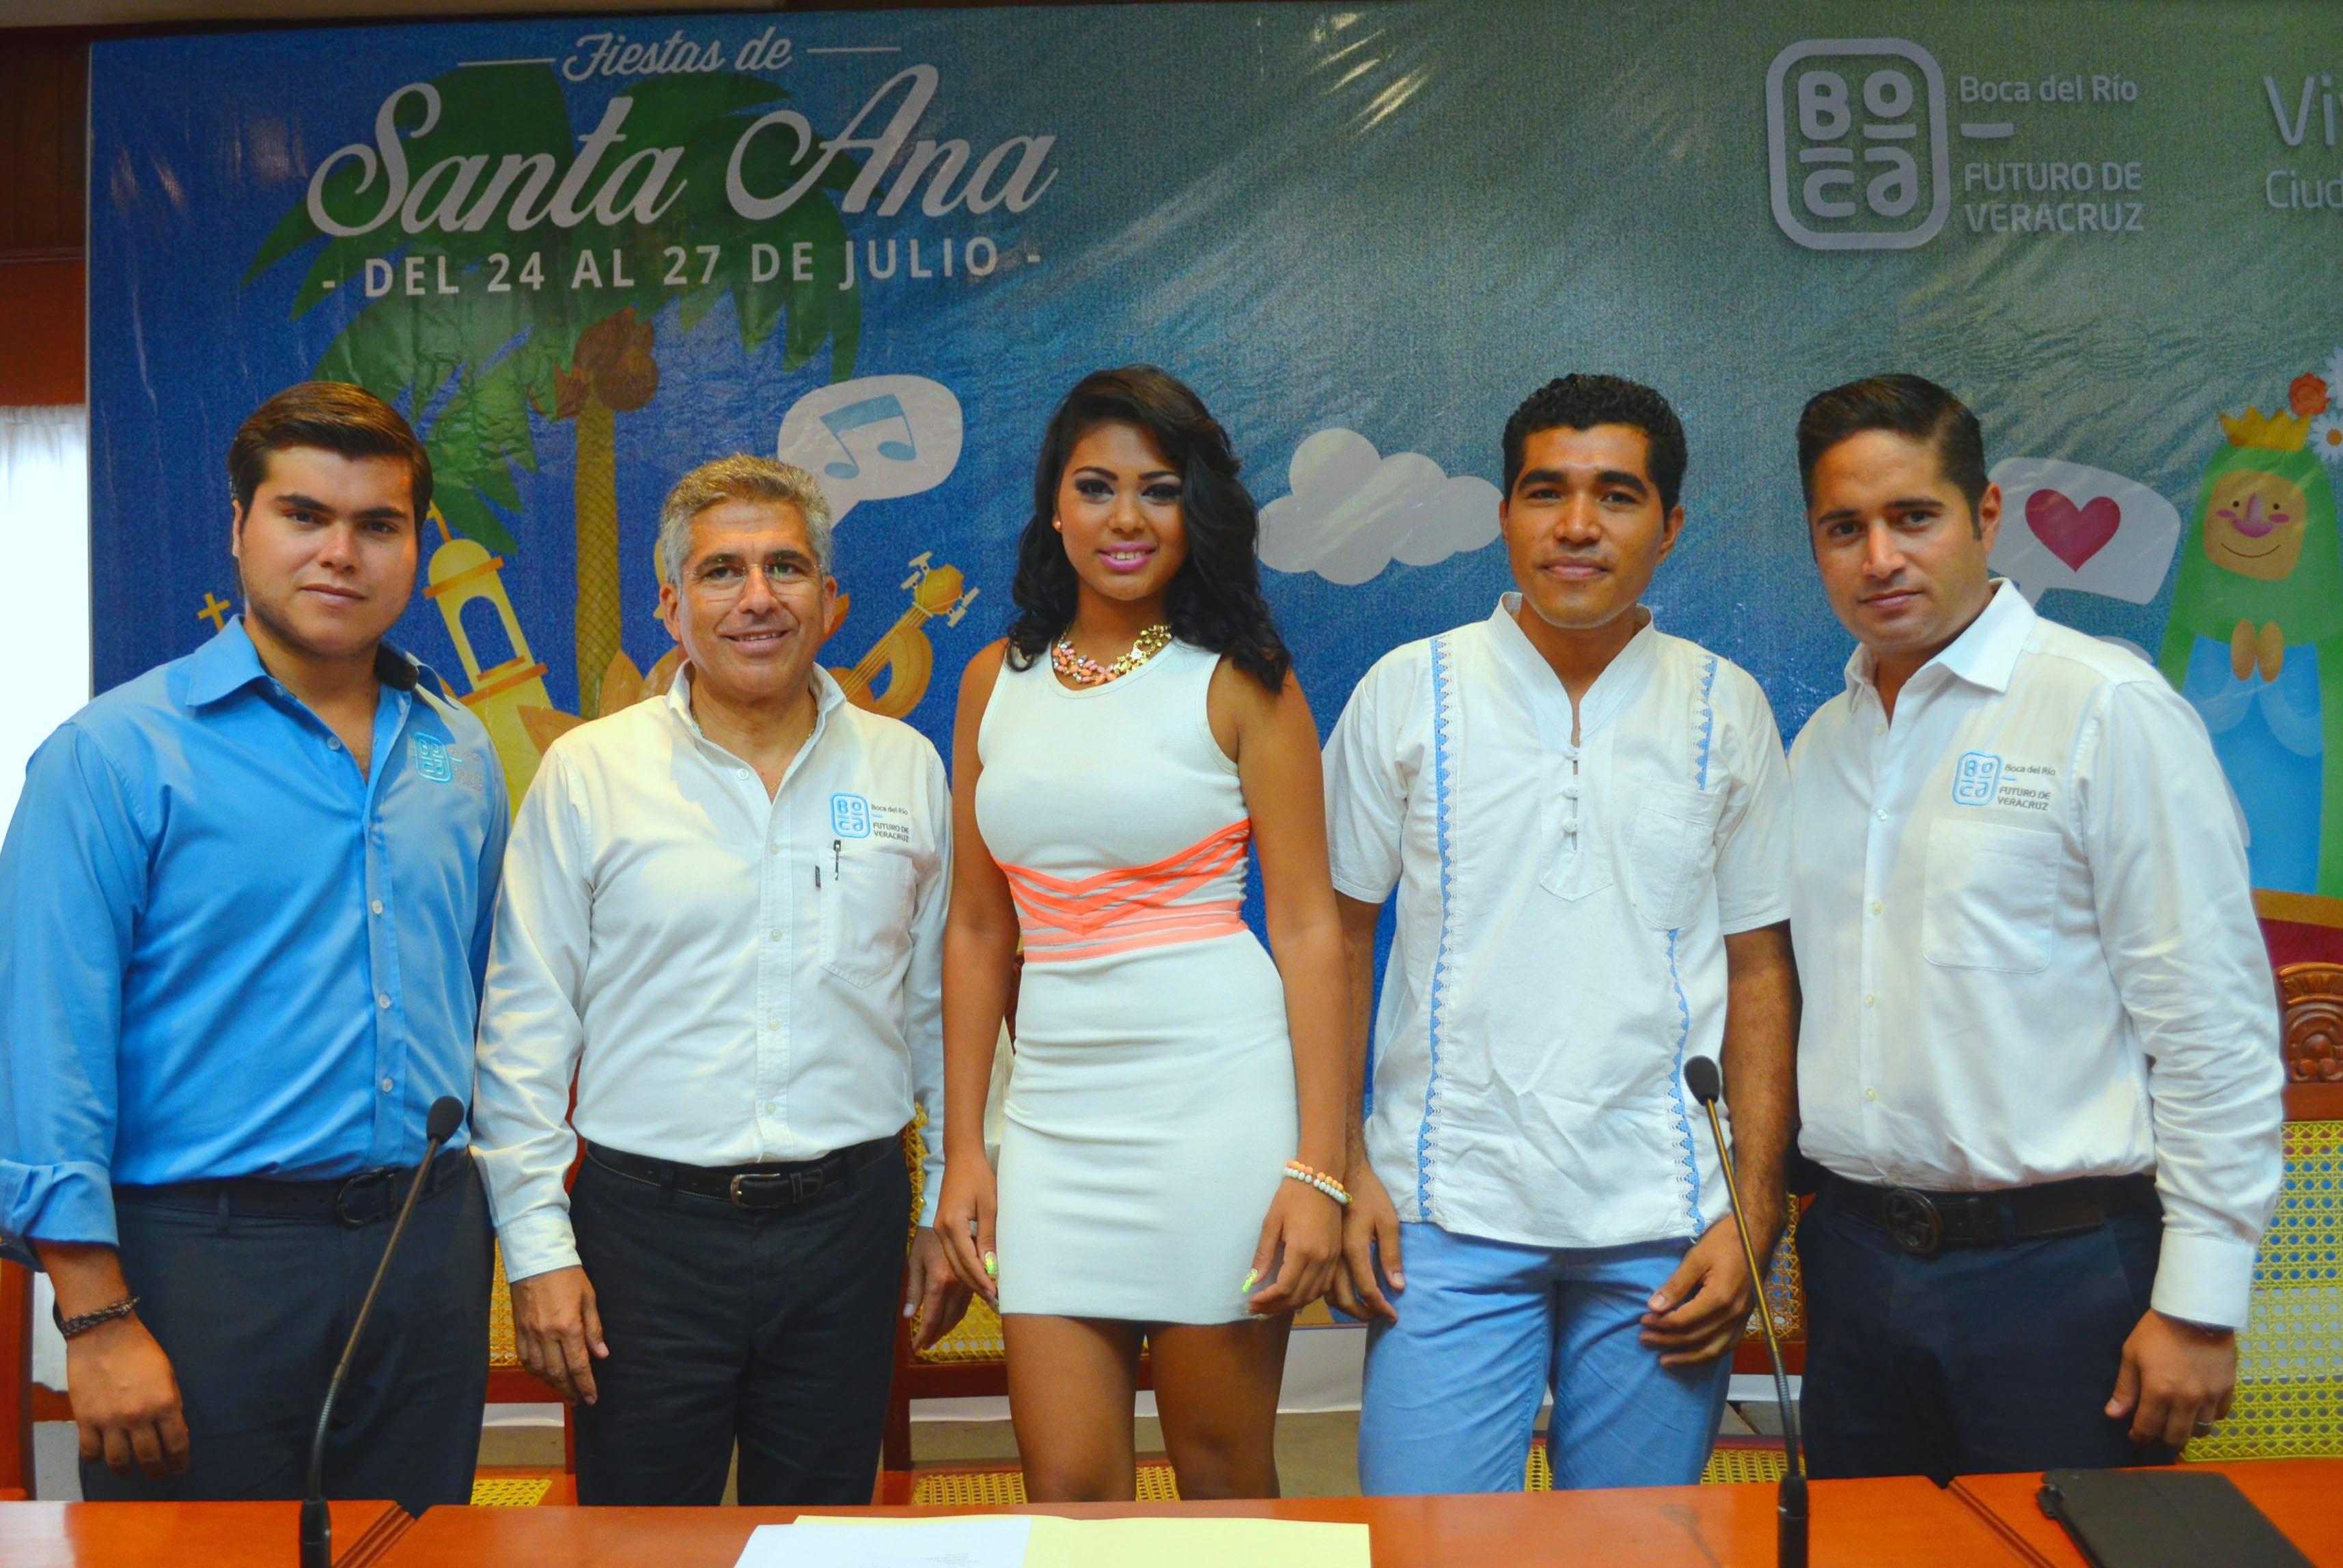 Del 24 al 27 de Julio se realizarán las Fiestas de Santa Ana en Boca del Río